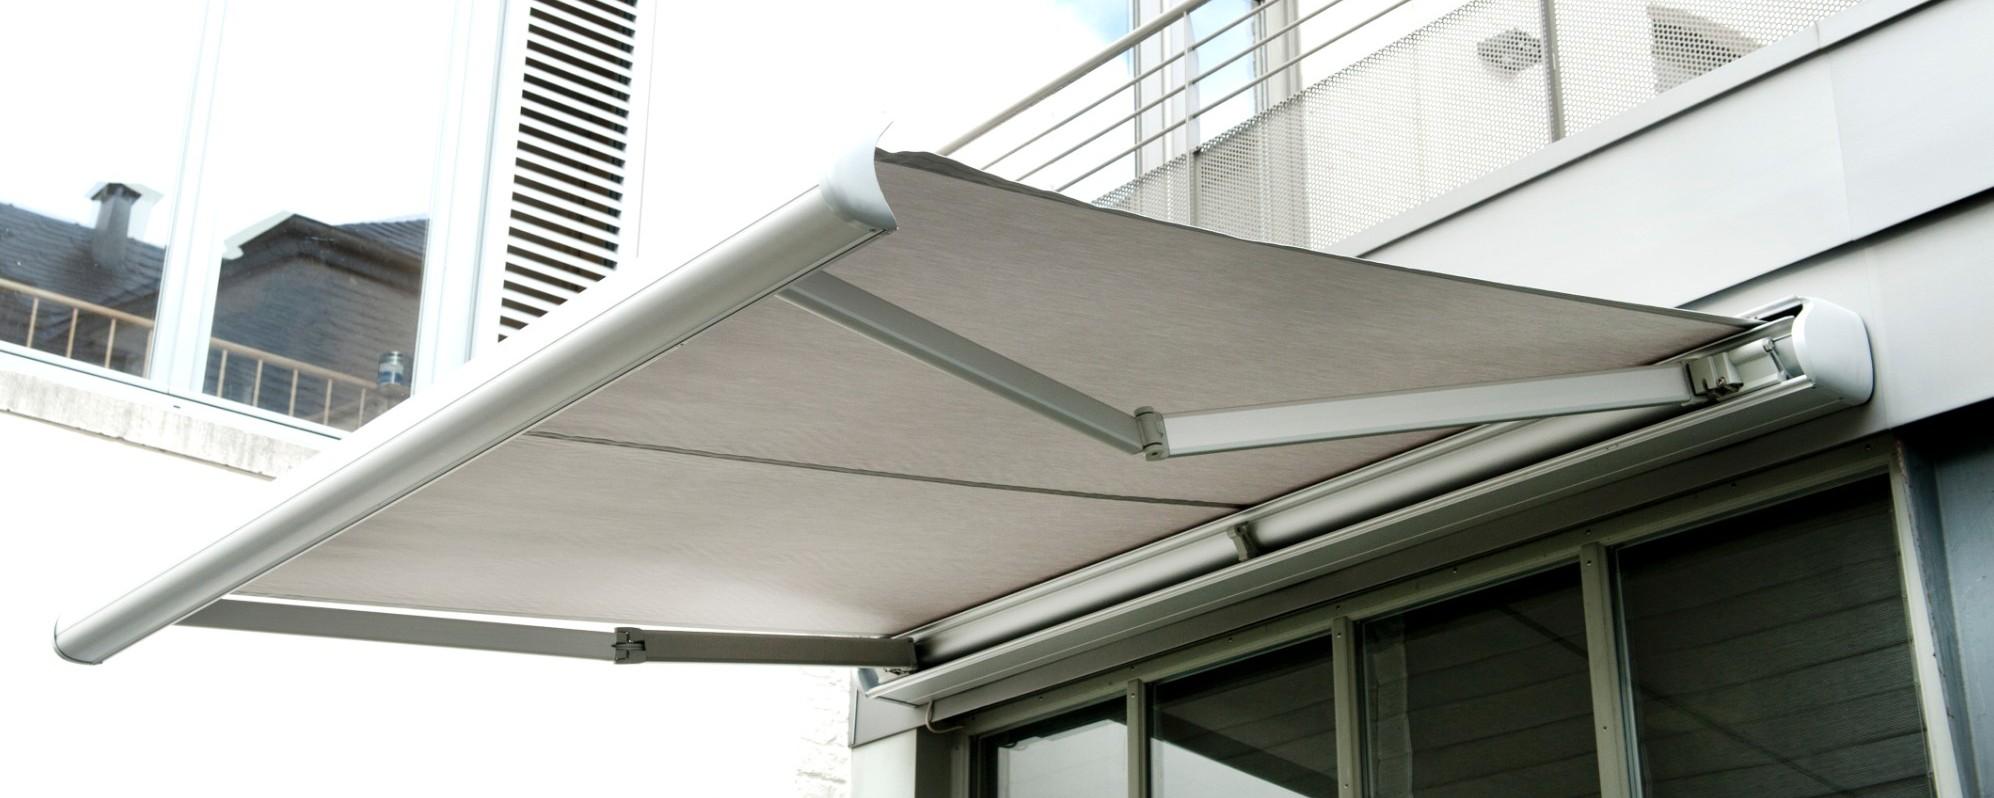 Banne solaire XL - Achetez ce store en ligne sur Laloux !